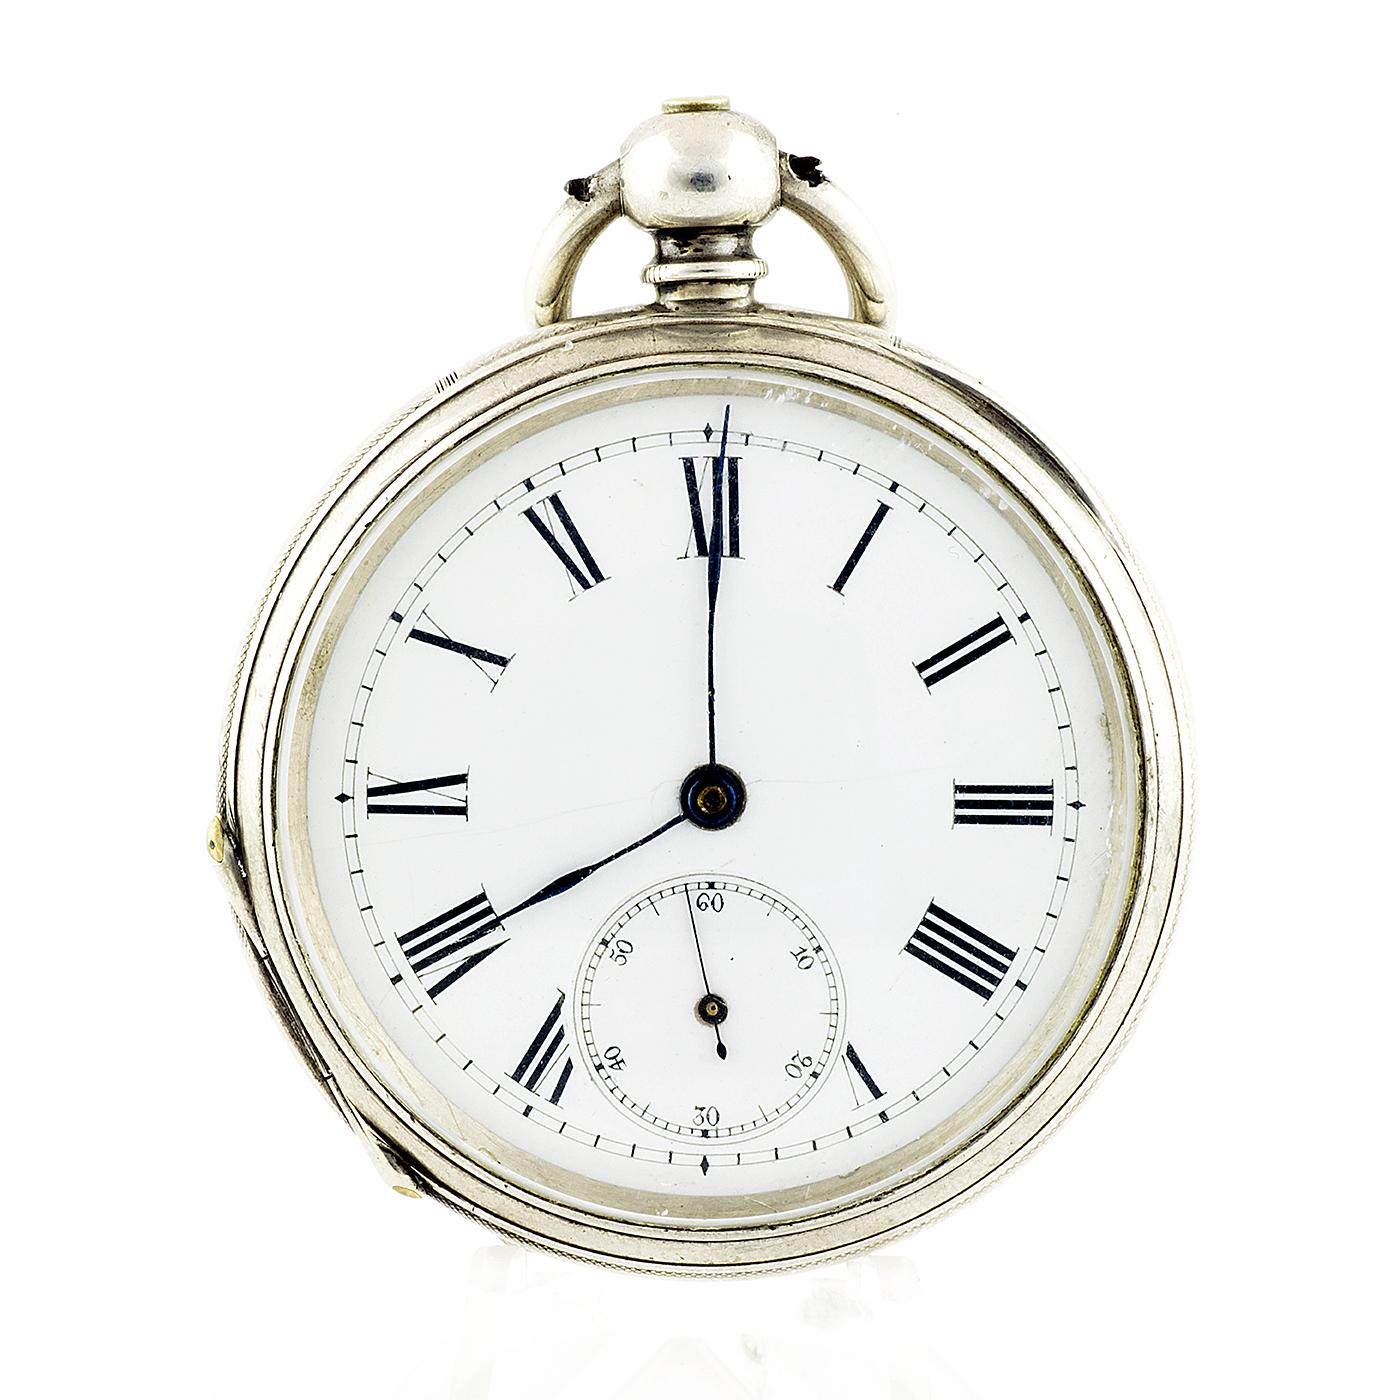 JOHN BENNETT (Londres). Reloj de Bolsillo para caballero, lepine. Ca. 1900